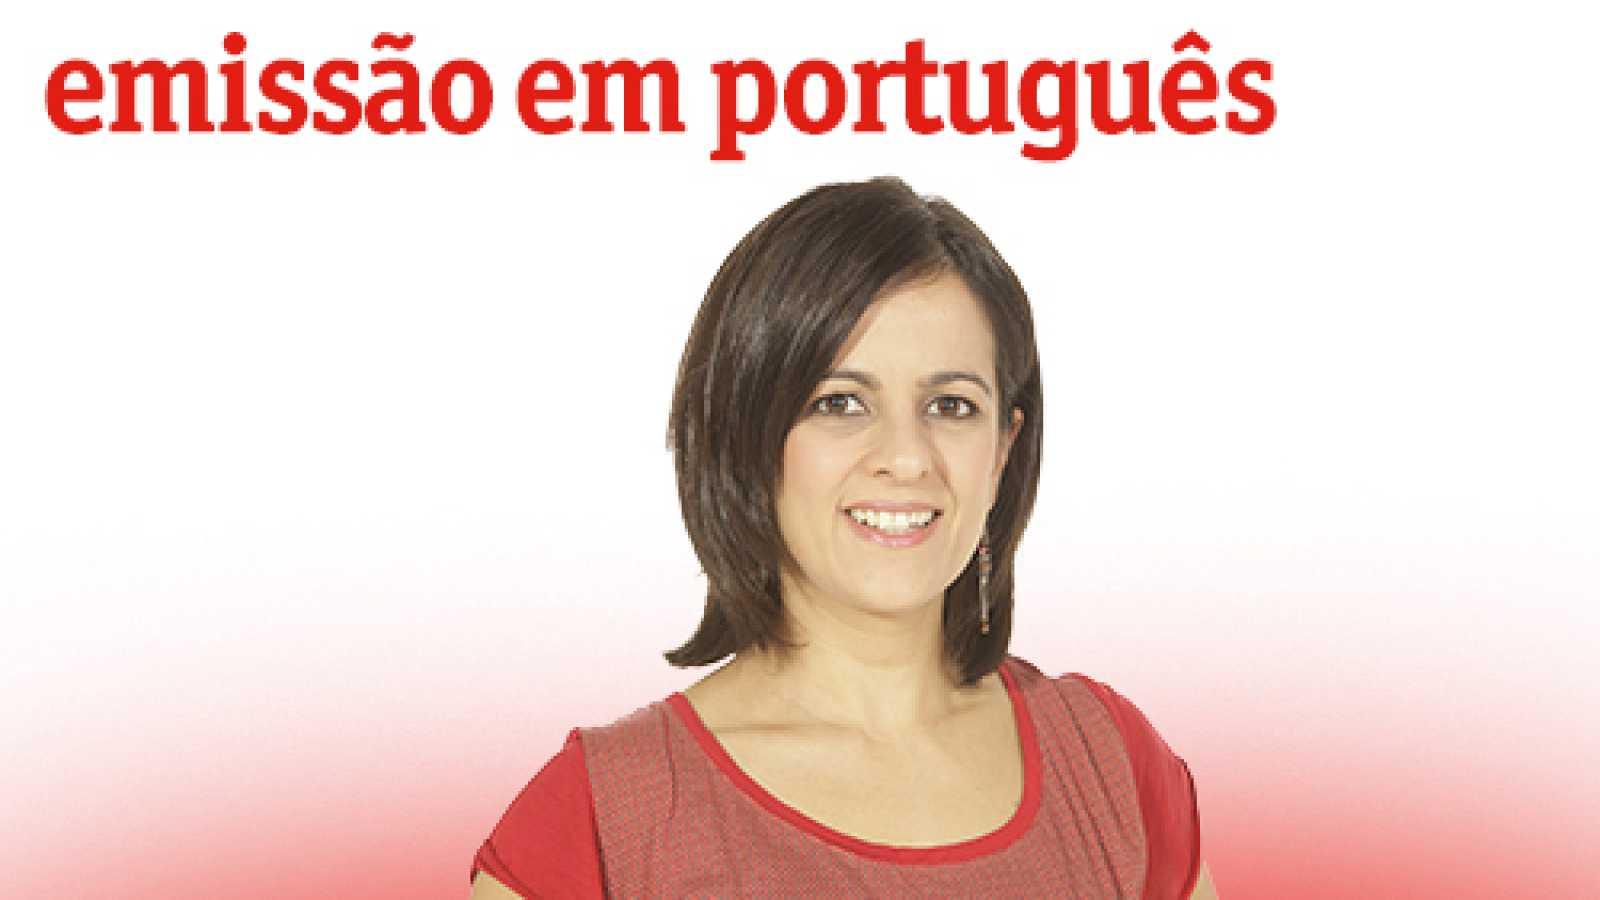 Emissão em português - Estudo revela efeitos do consumo excessivo de álcool pelos jovens - 14/12/20 - escuchar ahora